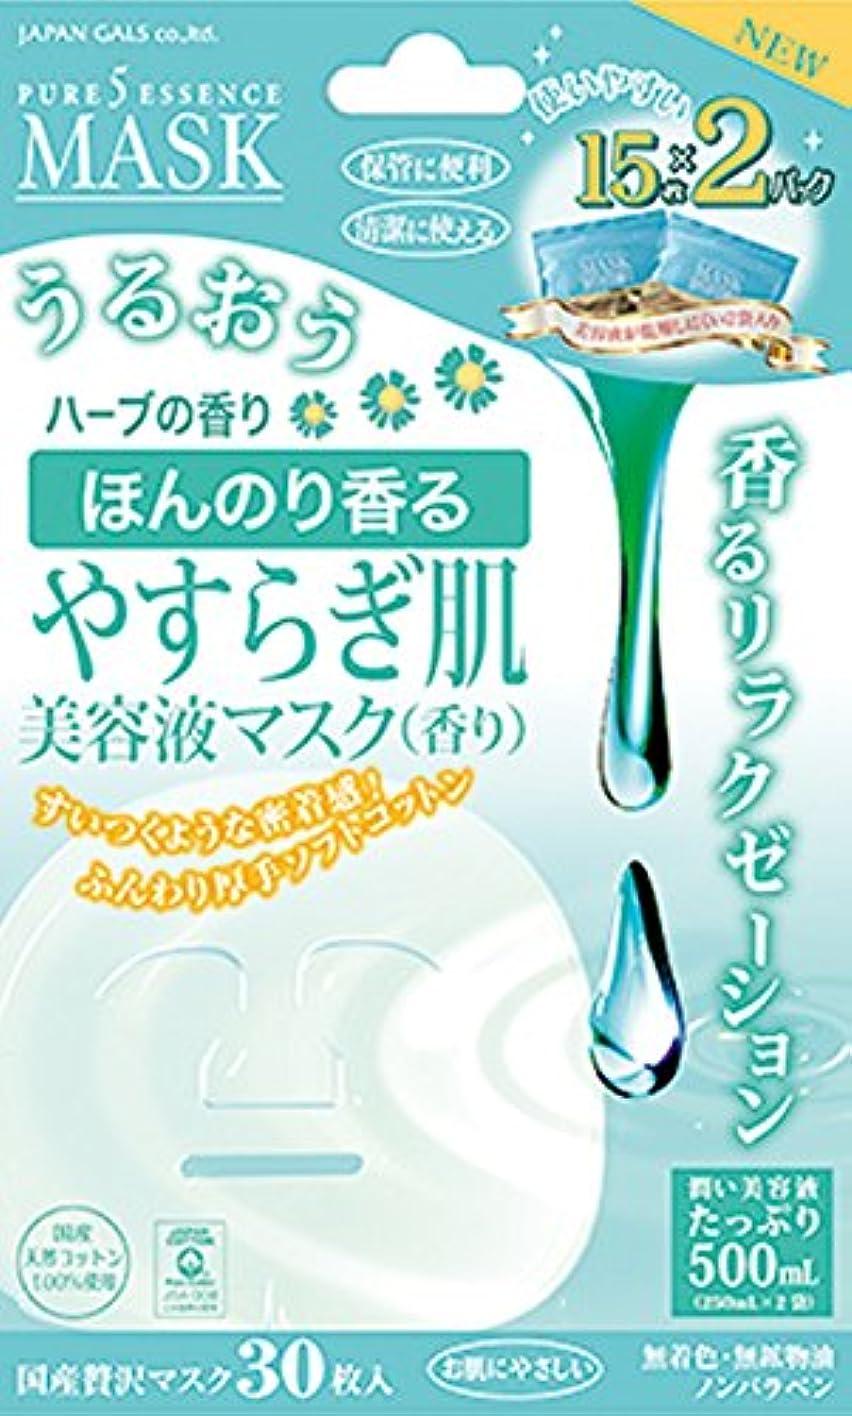 酸っぱいオーガニック氷ジャパンギャルズ ピュア5エッセンスマスク (香り) 15枚入り×2袋